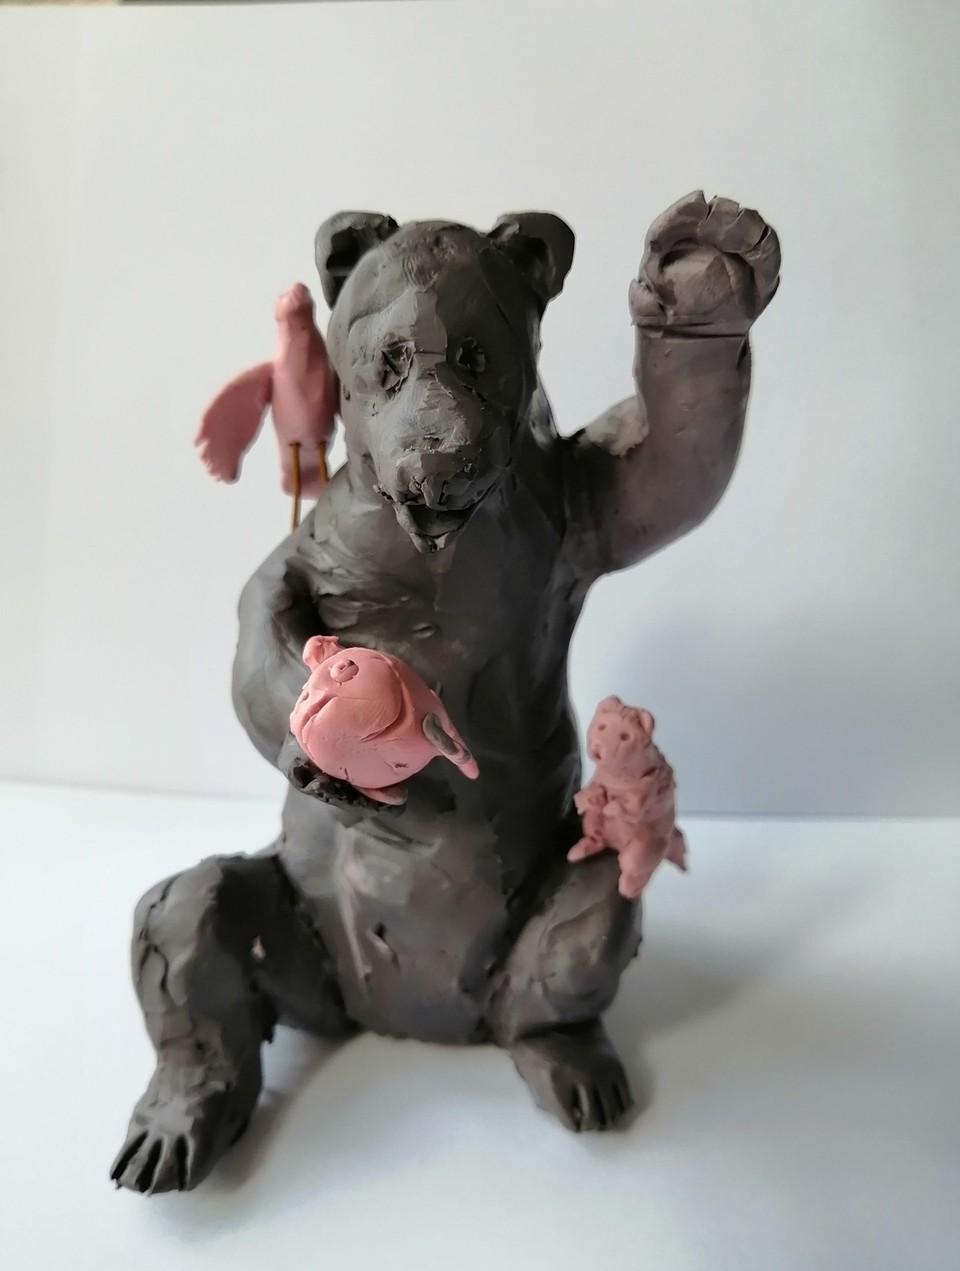 Пока будущая скульптурная композиция существует только в виде забавного пластилинового макета.